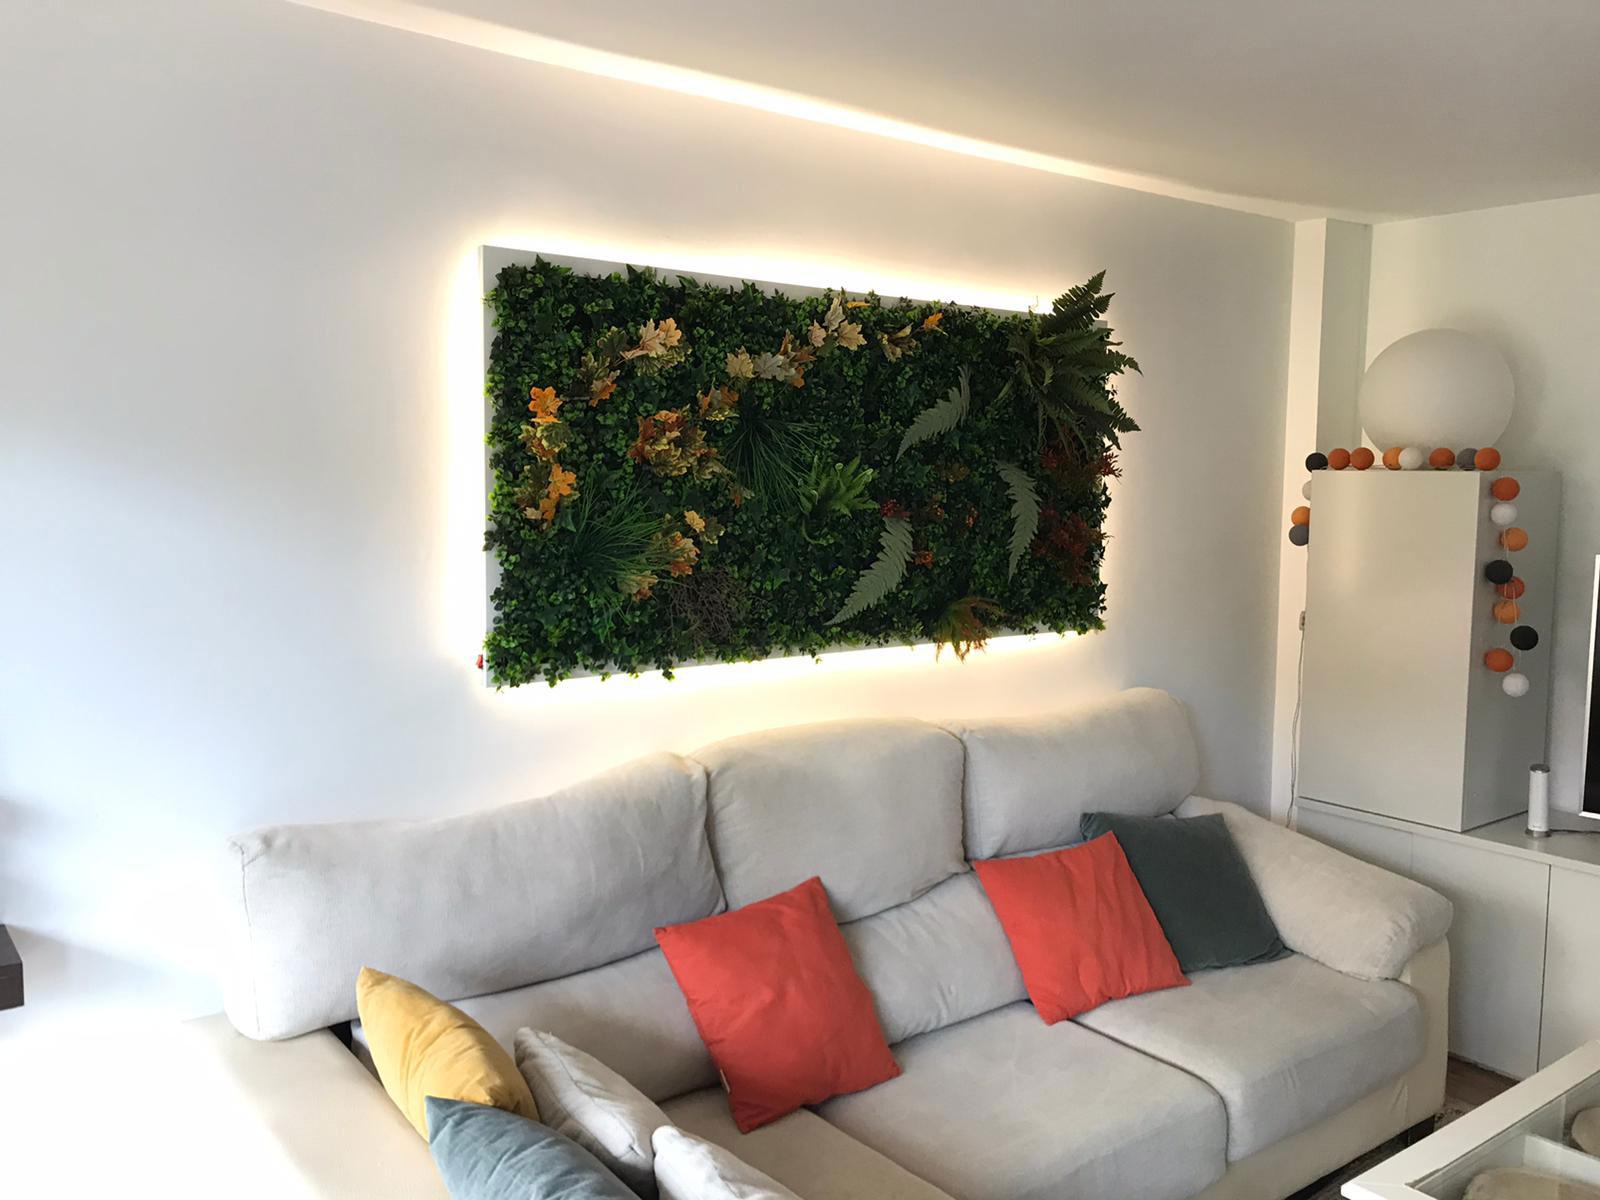 jardin vertical iluminado en las rozas